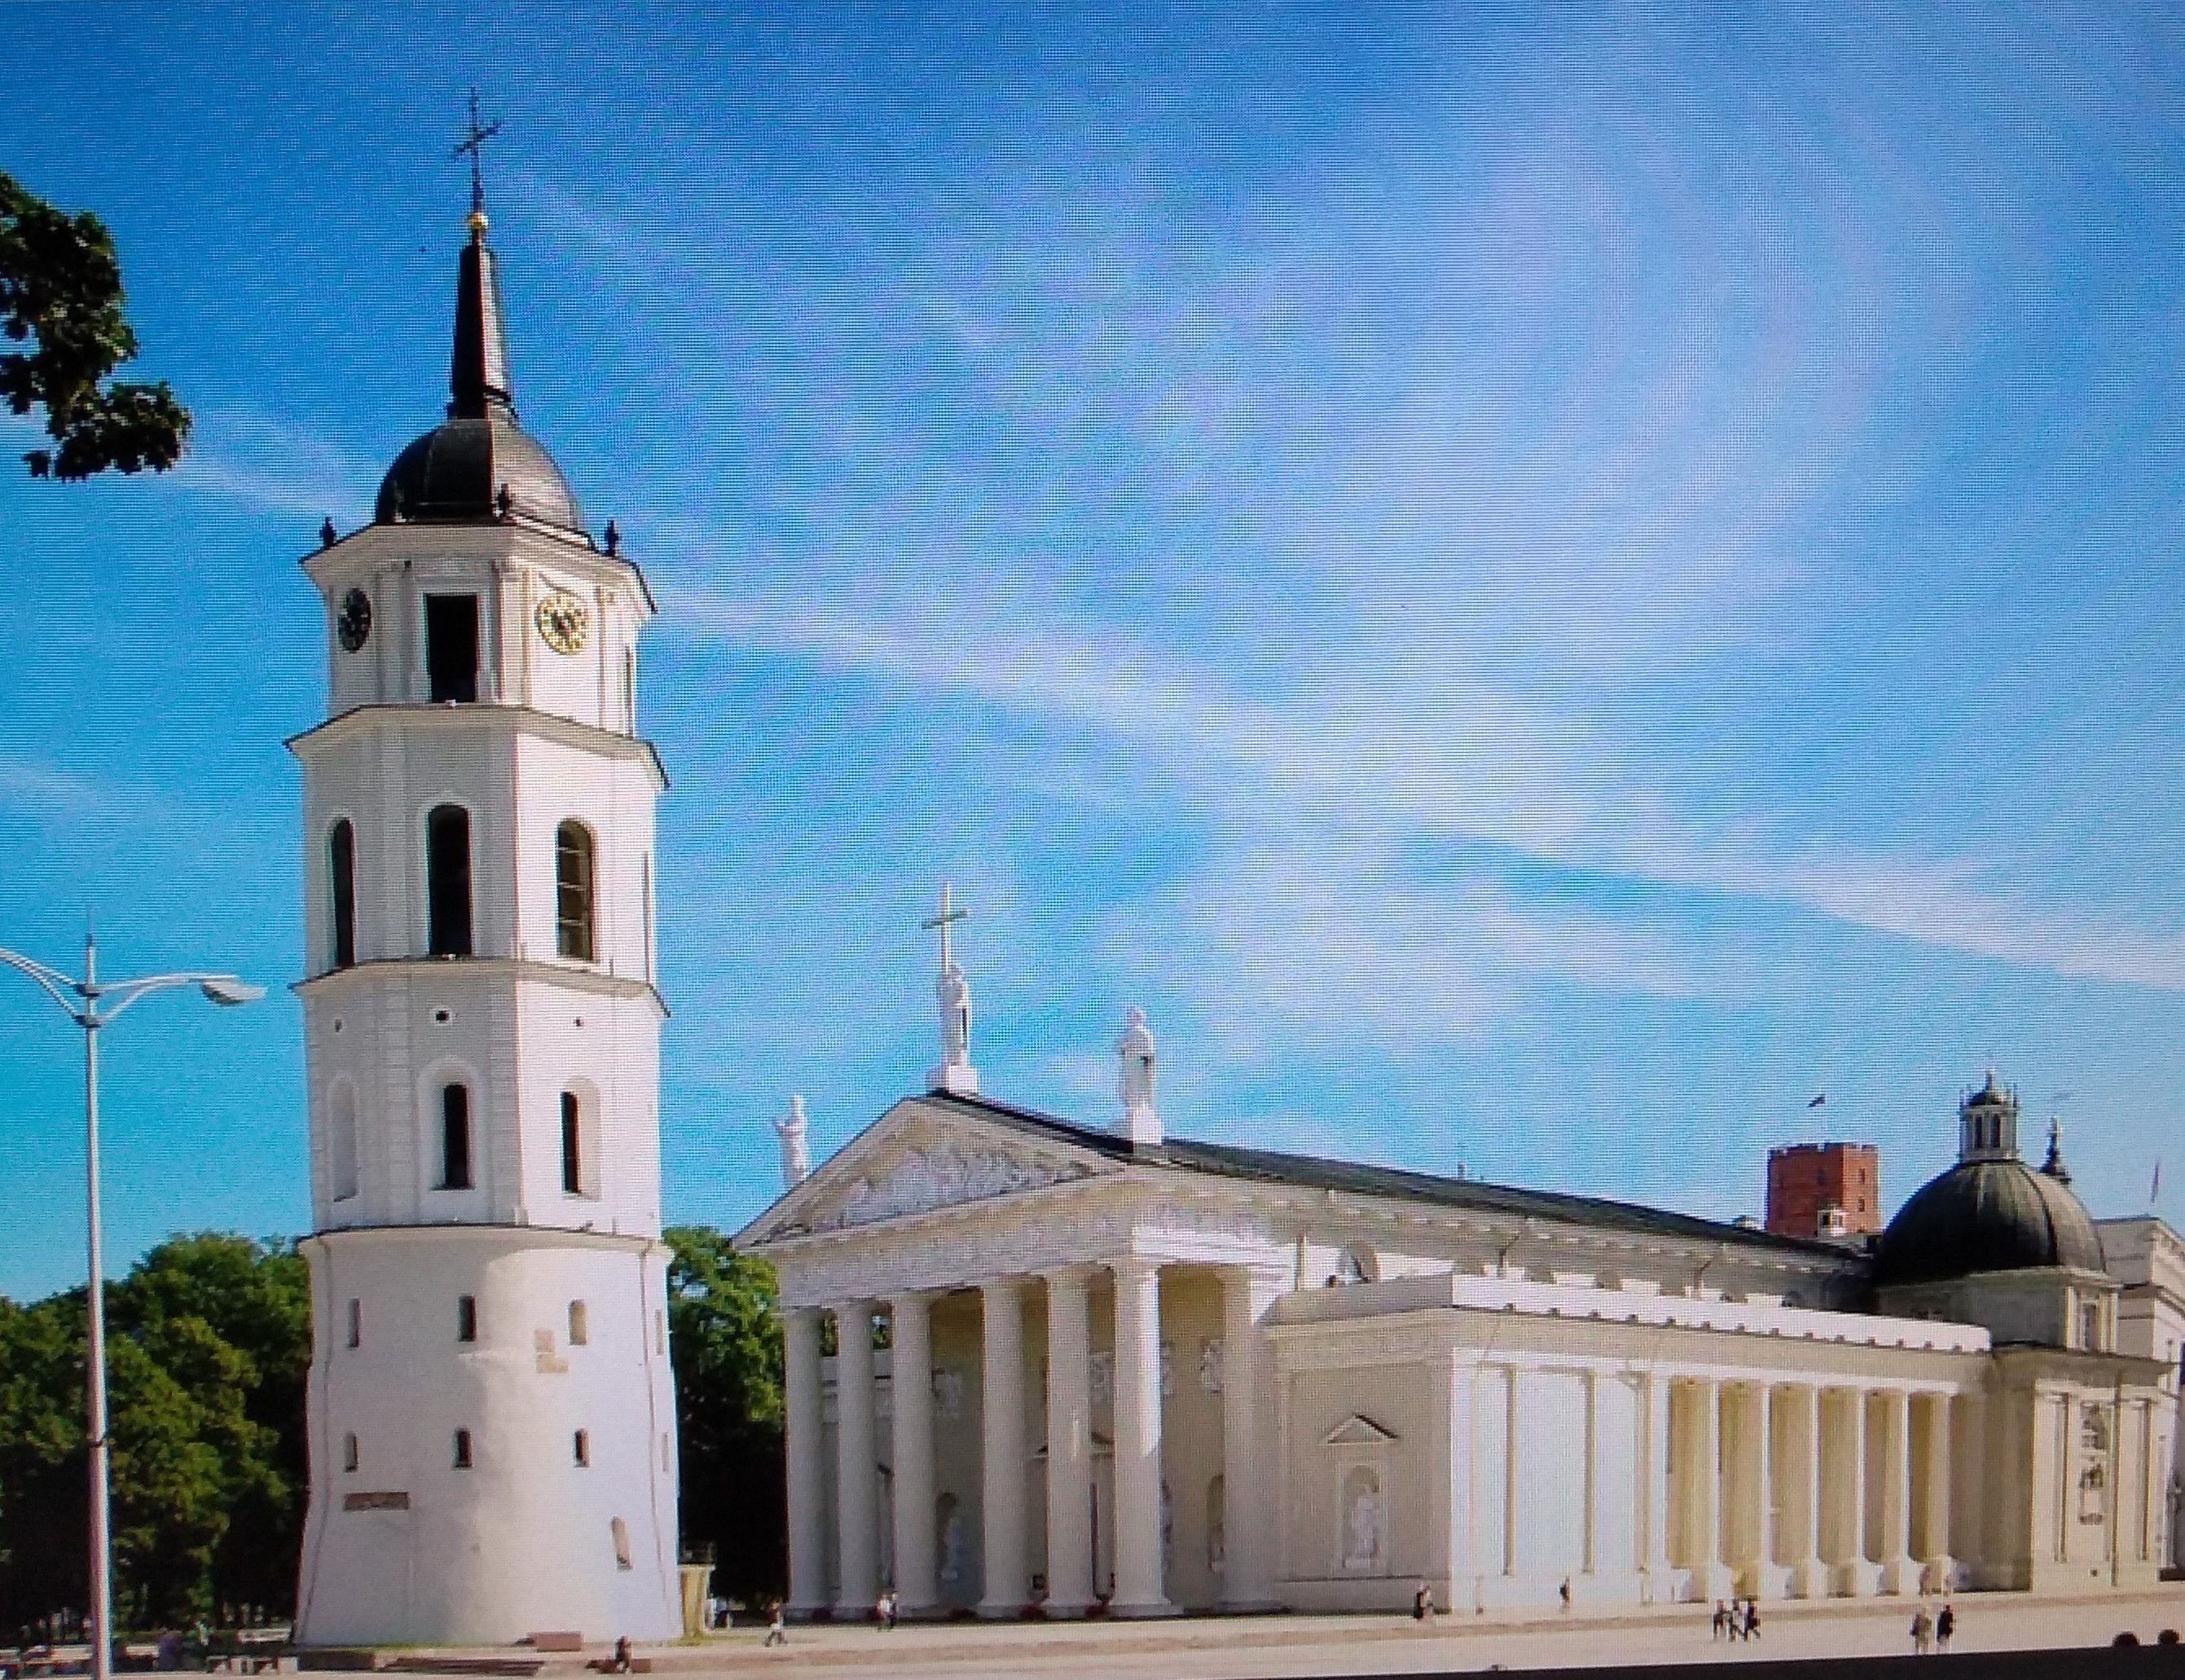 Kathedrale und Turm in Vilnius